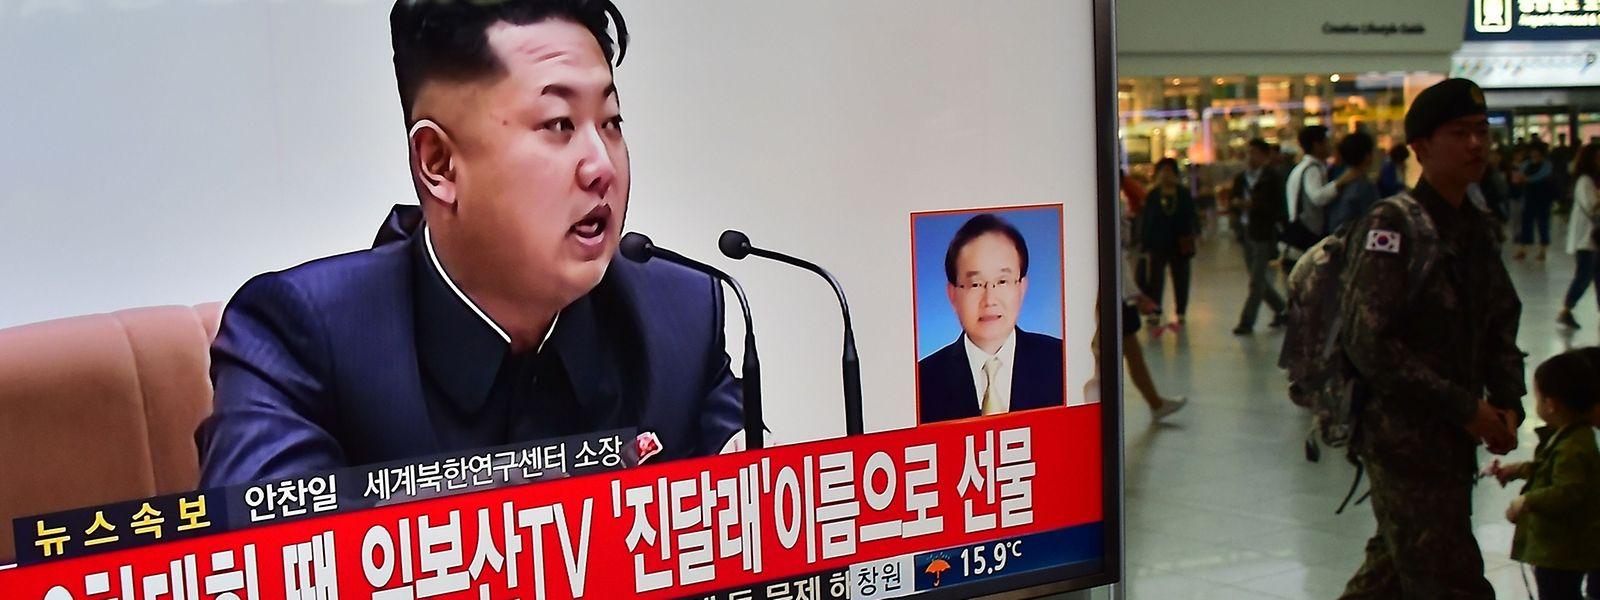 Auch in Südkorea war die Rede von Kim Jong Un im Fernsehen zu sehen.